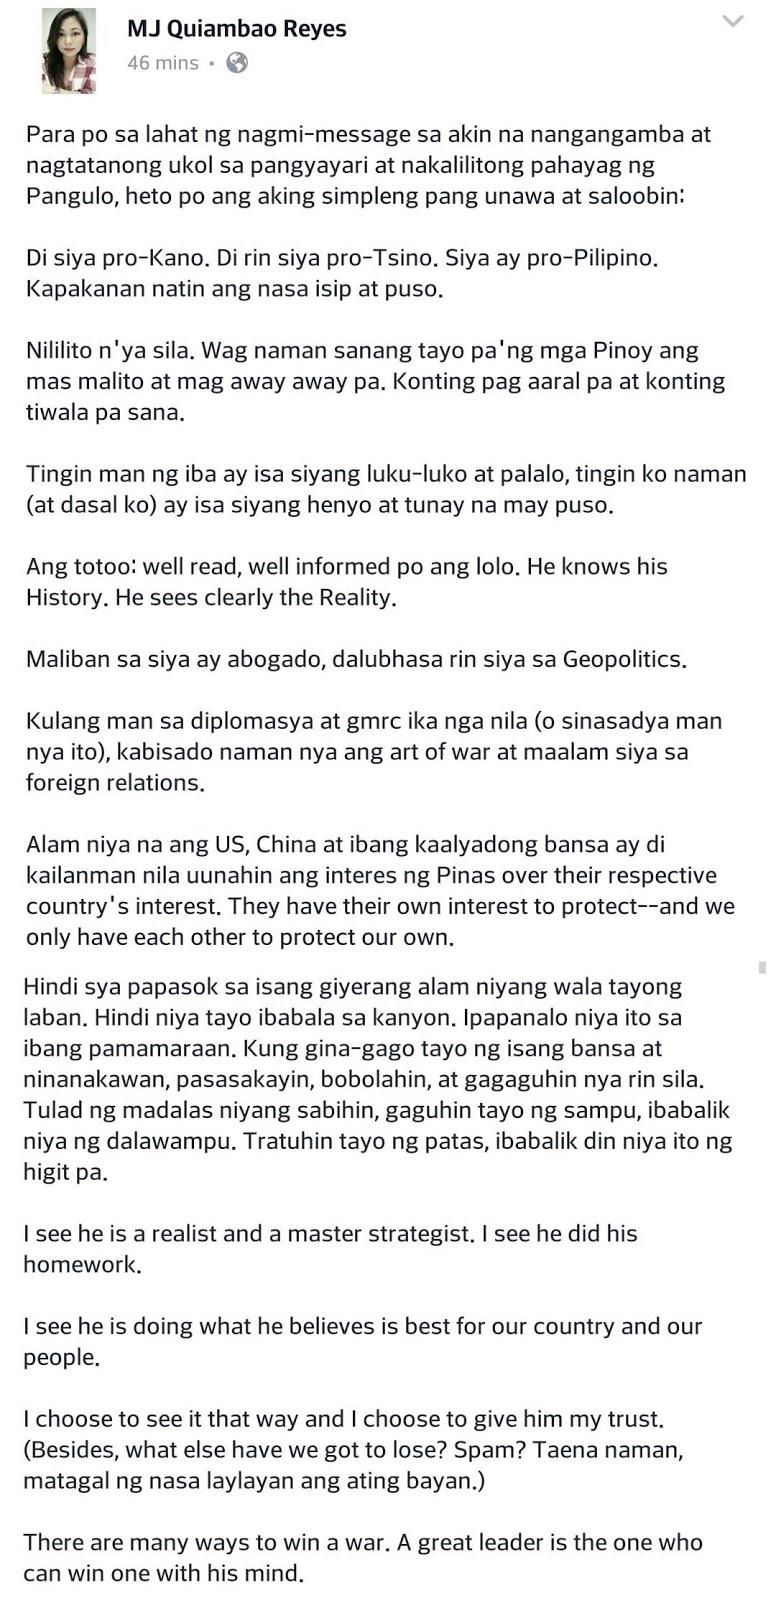 Netizen Defends Duterte Over His Anti-US statement: Di siya pro-Kano. Di rin siya pro-Tsino. Siya ay pro-Pilipino